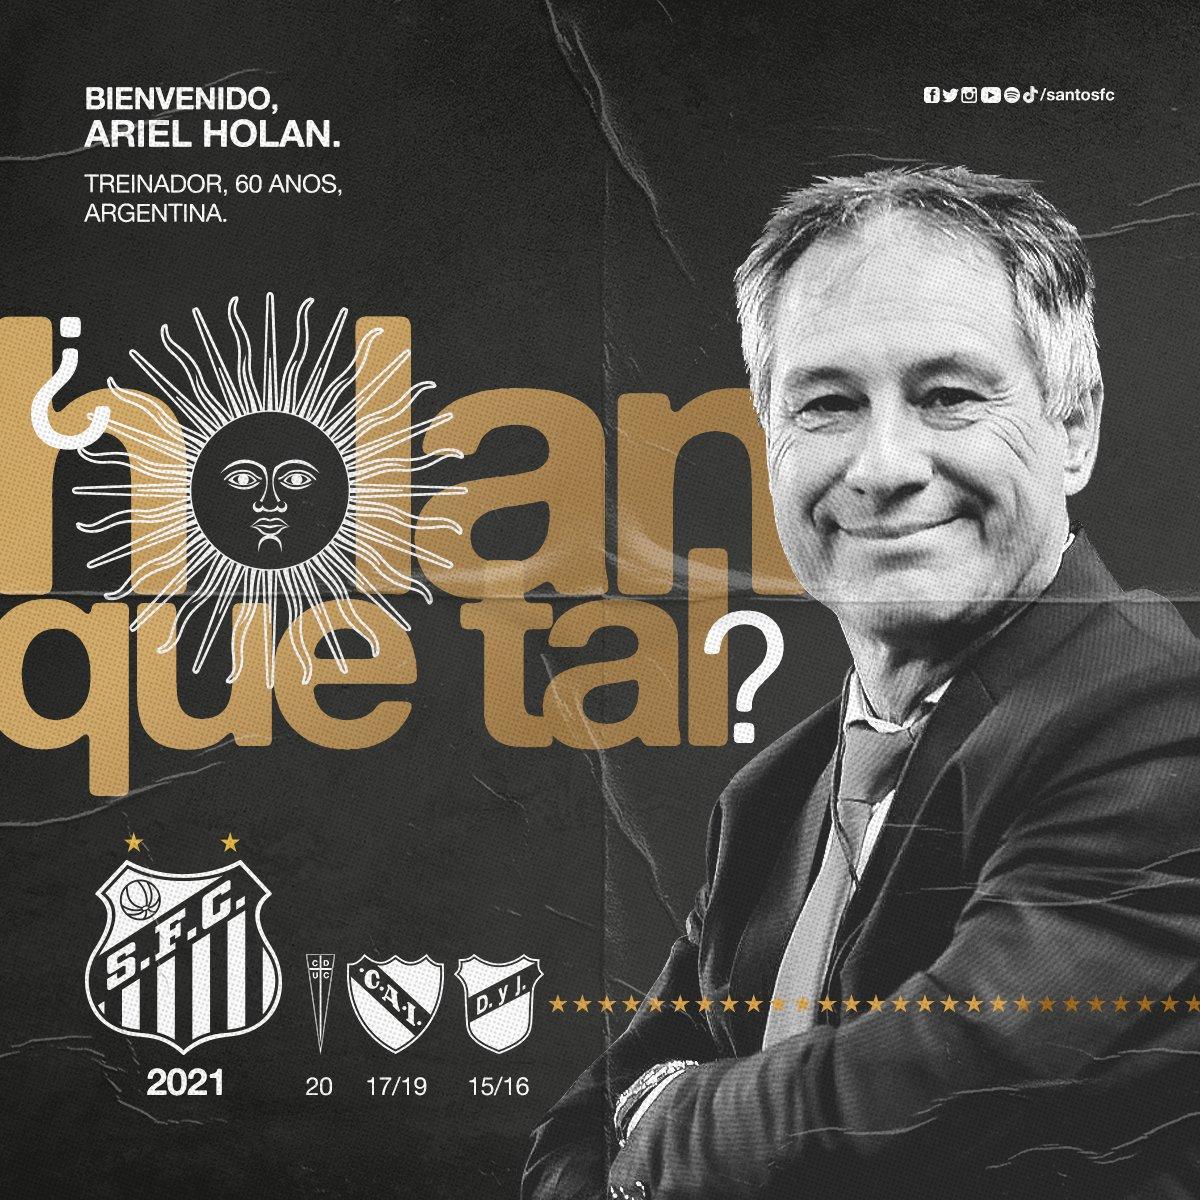 El DT argentino reemplaza en el cargo a Cuca, vicecampeón de la Copa Libertadores